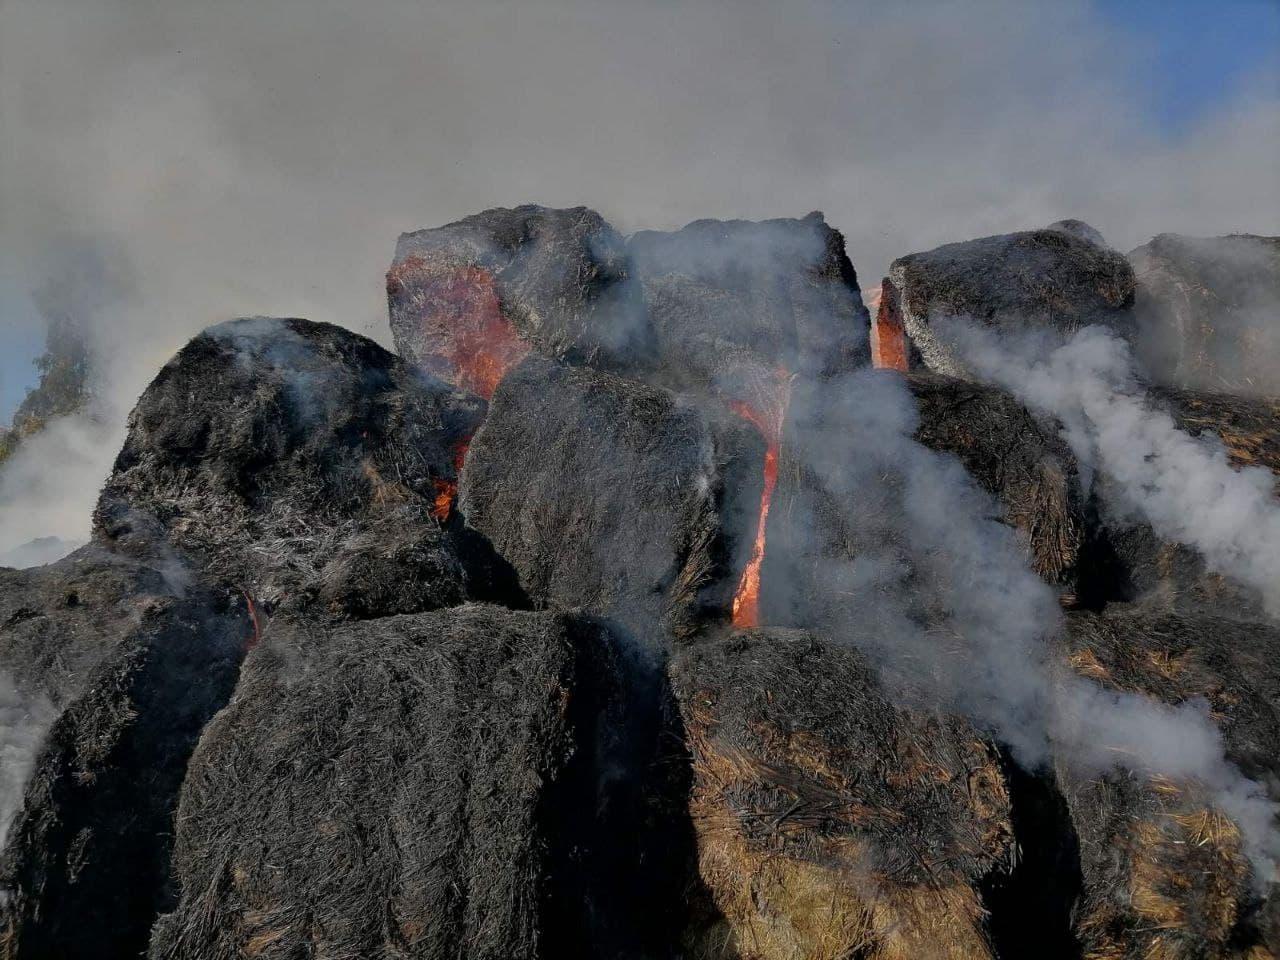 Необережне поводження з вогнем: у Чернігівському районі згоріли 17 тонн сіна. ФОТО